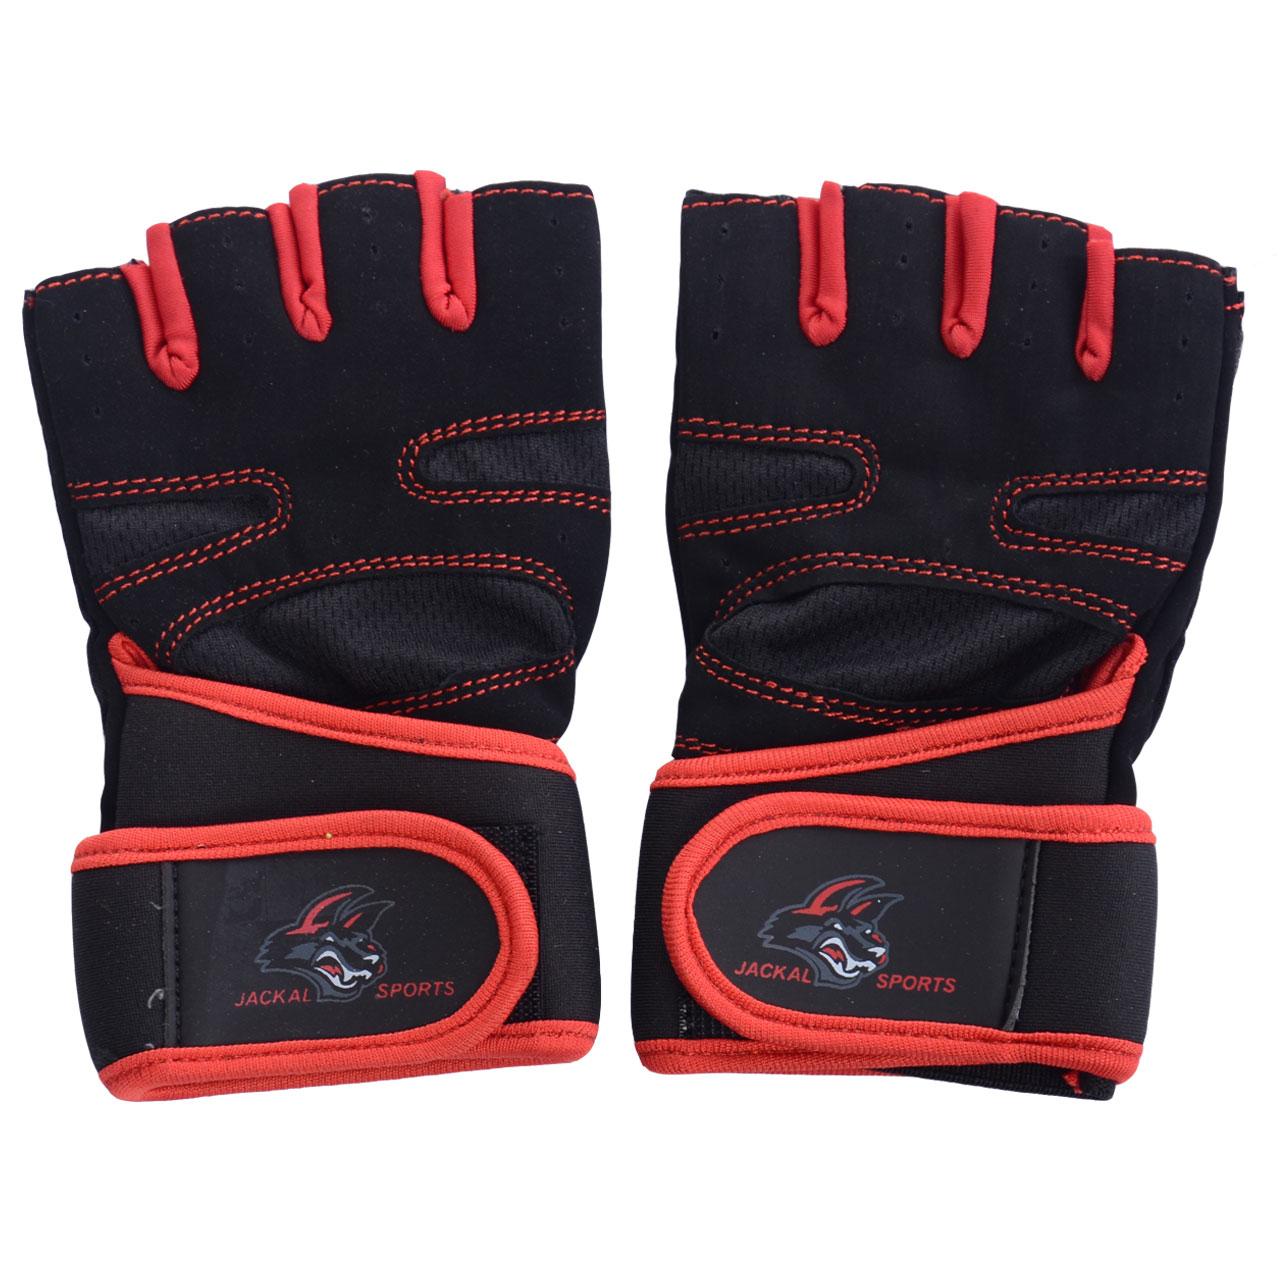 دستکش ورزشی جاکال اسپرتز کد JK02R